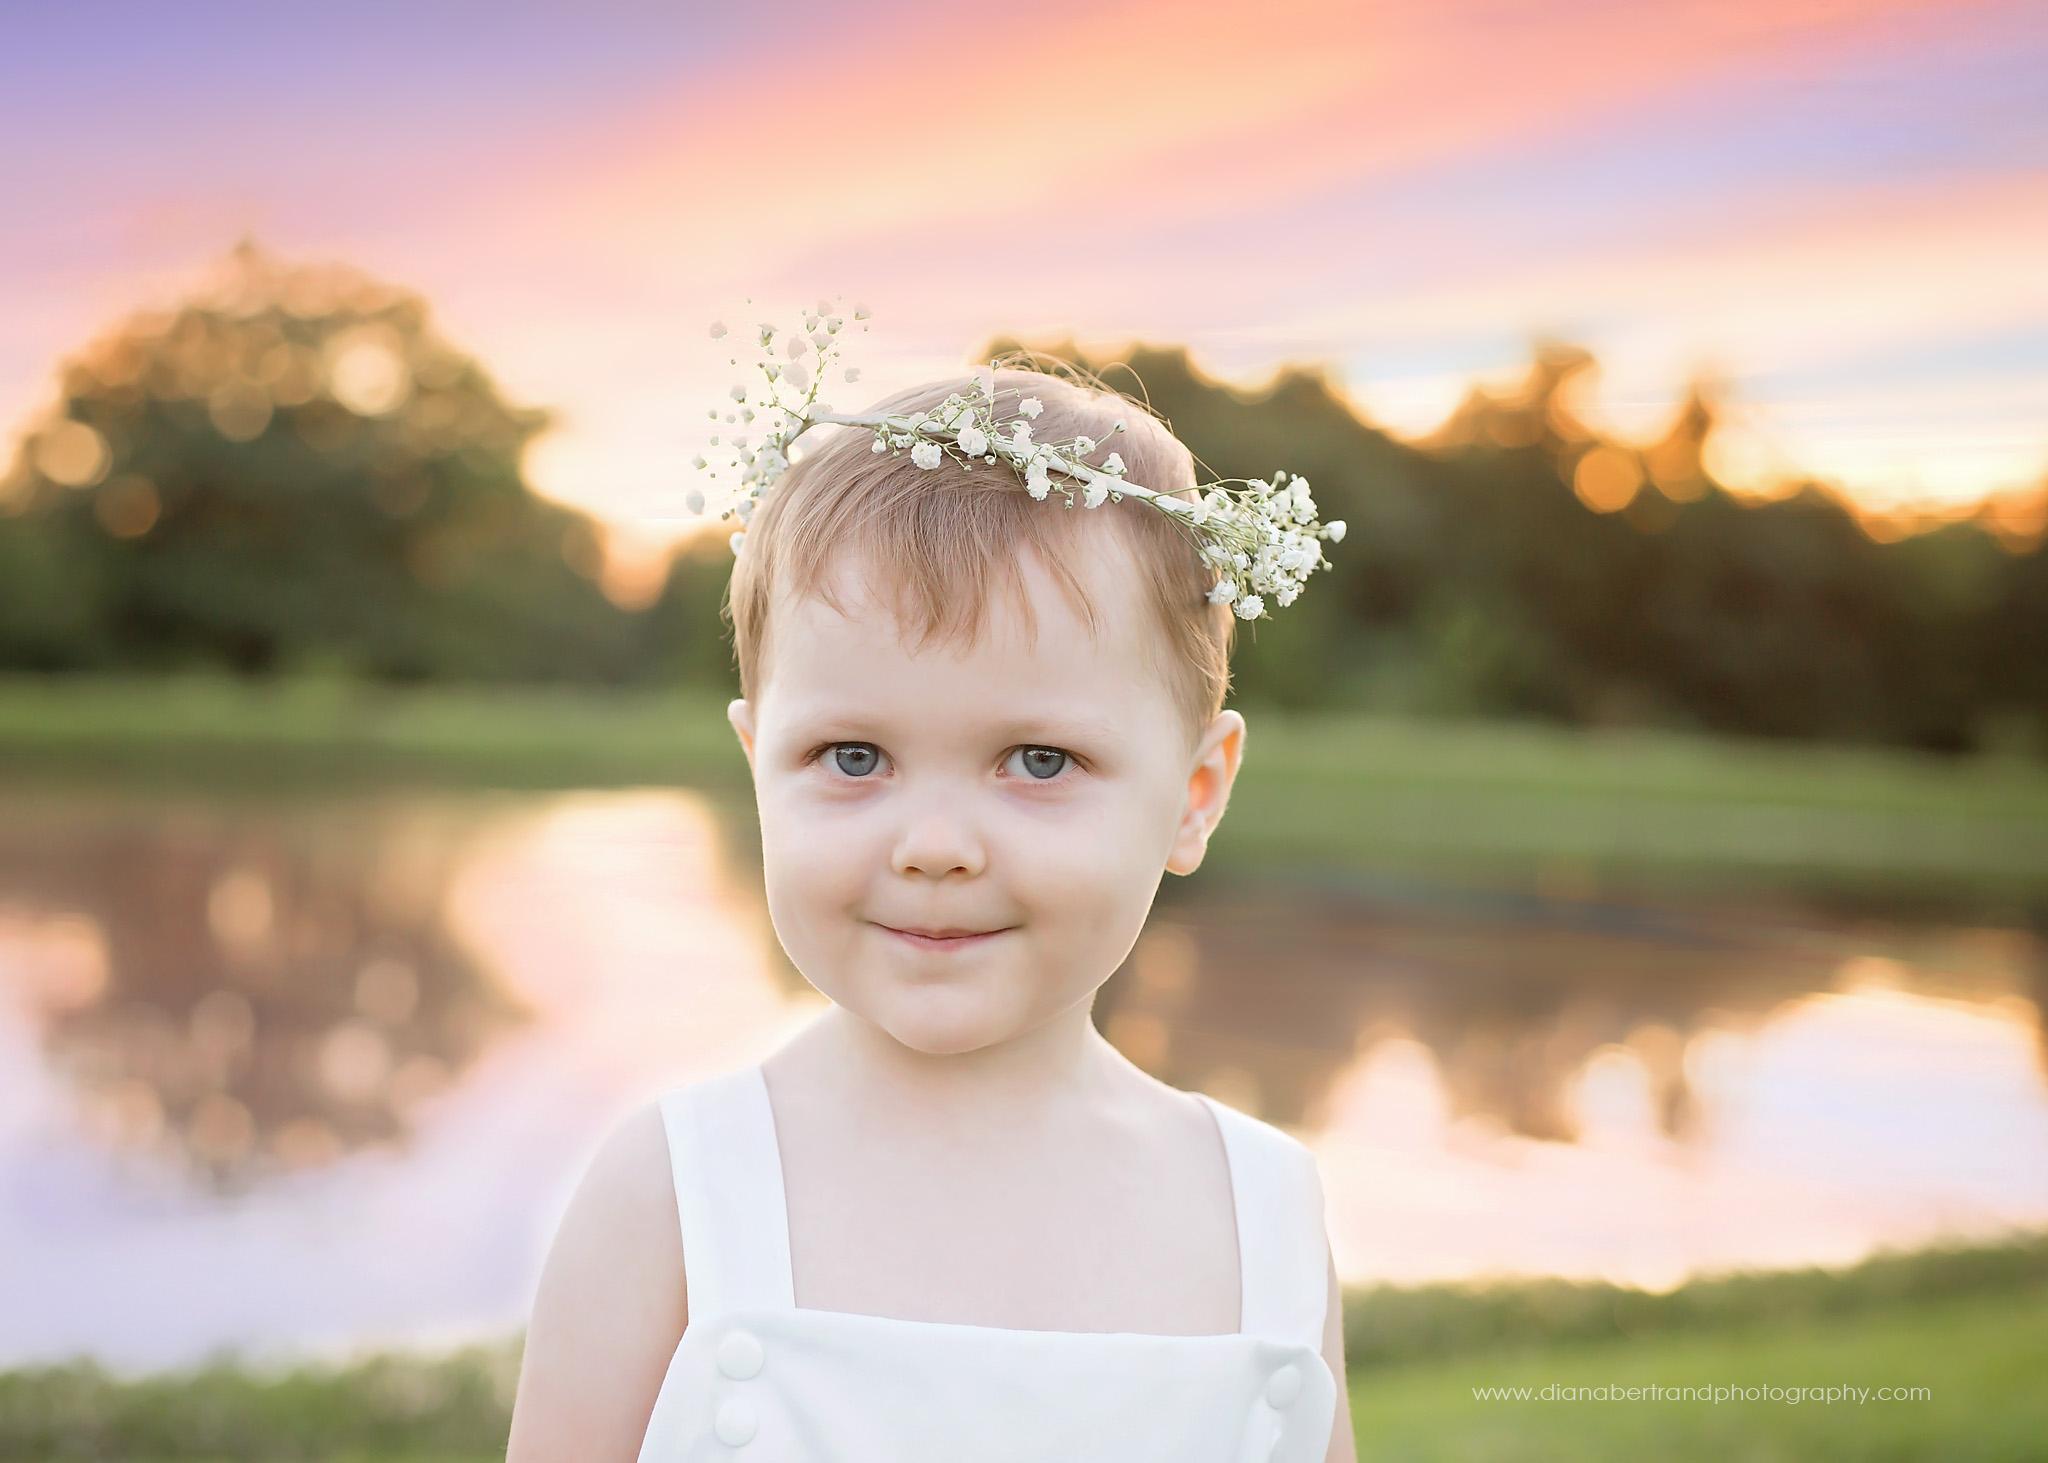 Flower crown child photography Missouri